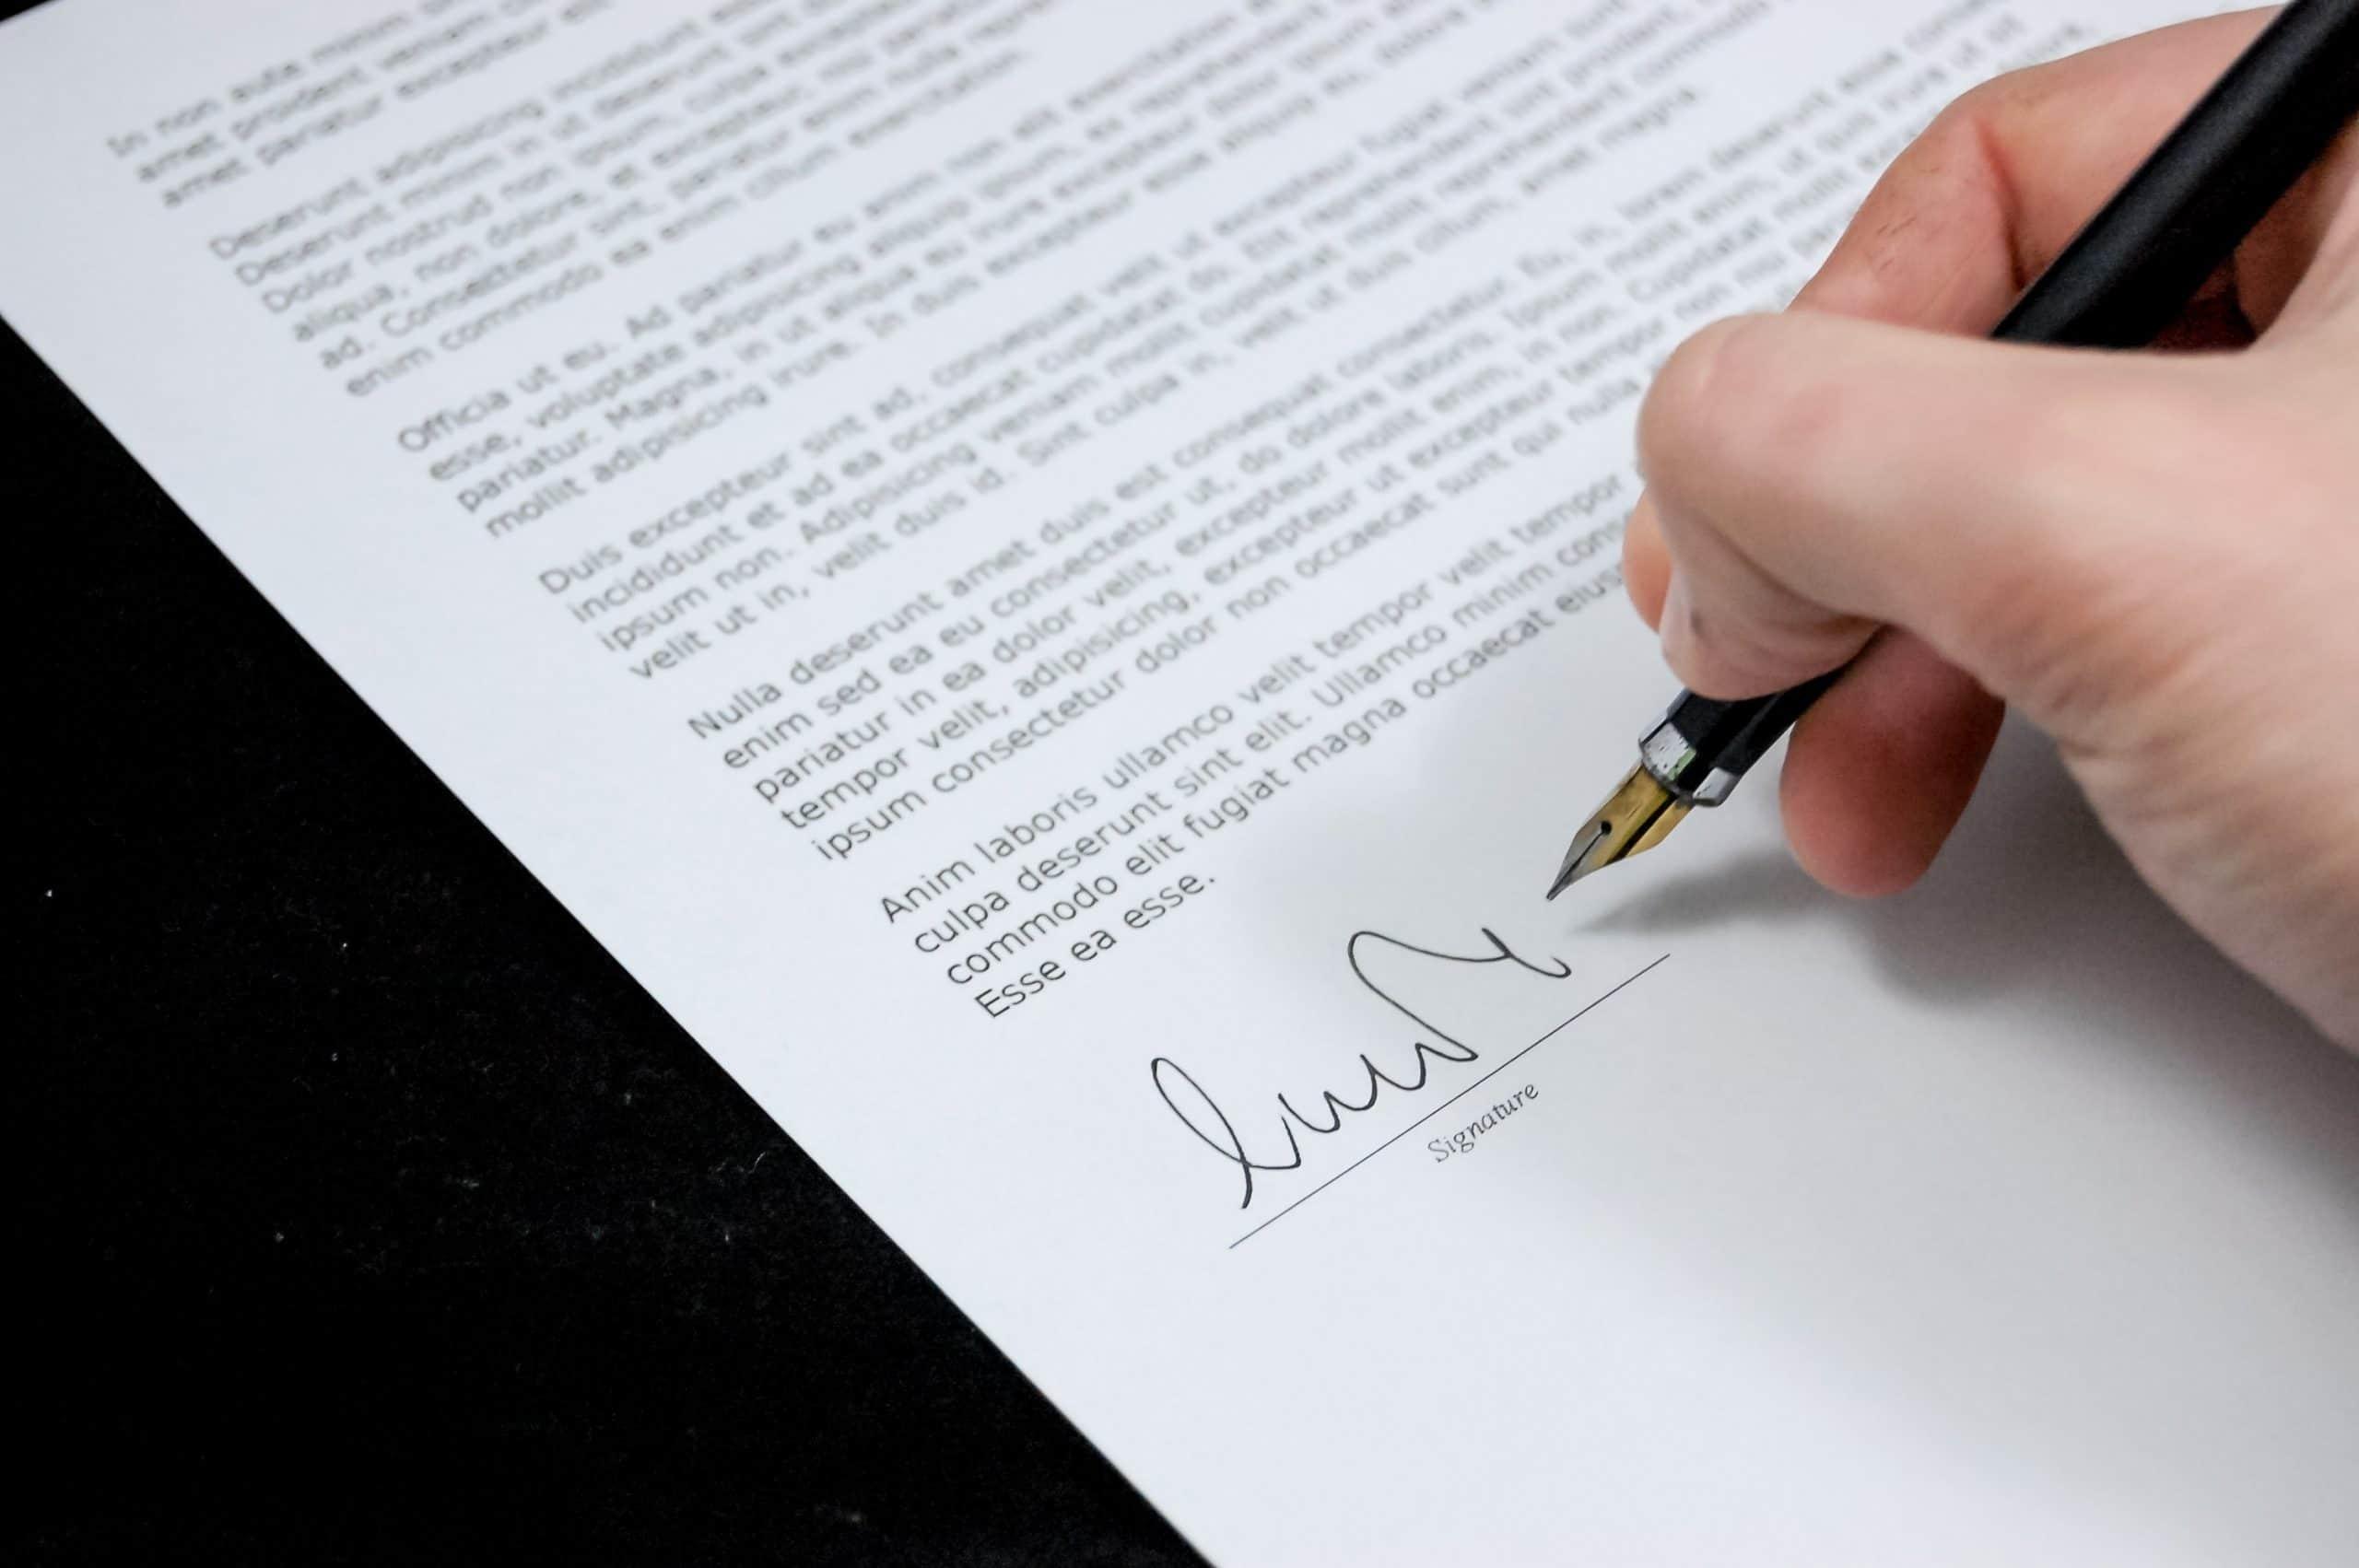 Schreiben an das Bundesministerium für Wirtschaft und Energie